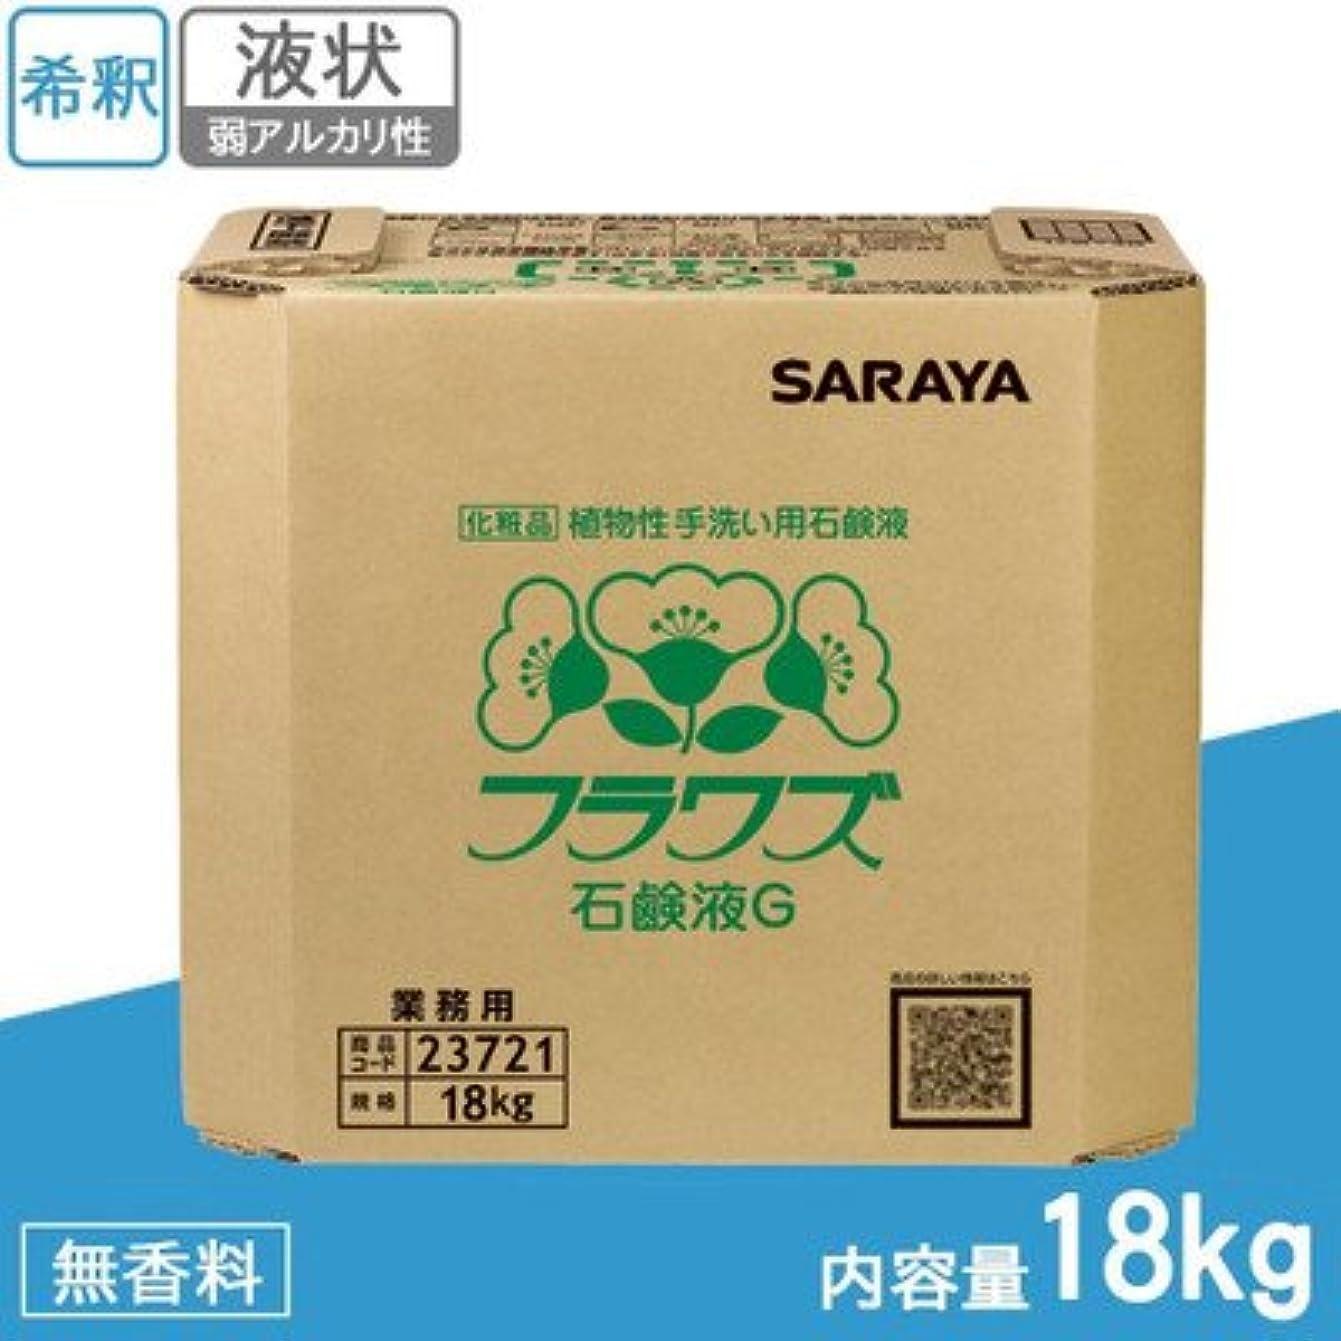 文字登録する許可希釈タイプの業務用石けん液です サラヤ 業務用 植物性手洗い用石鹸液 フラワズ石鹸液G 18kg BIB 23721